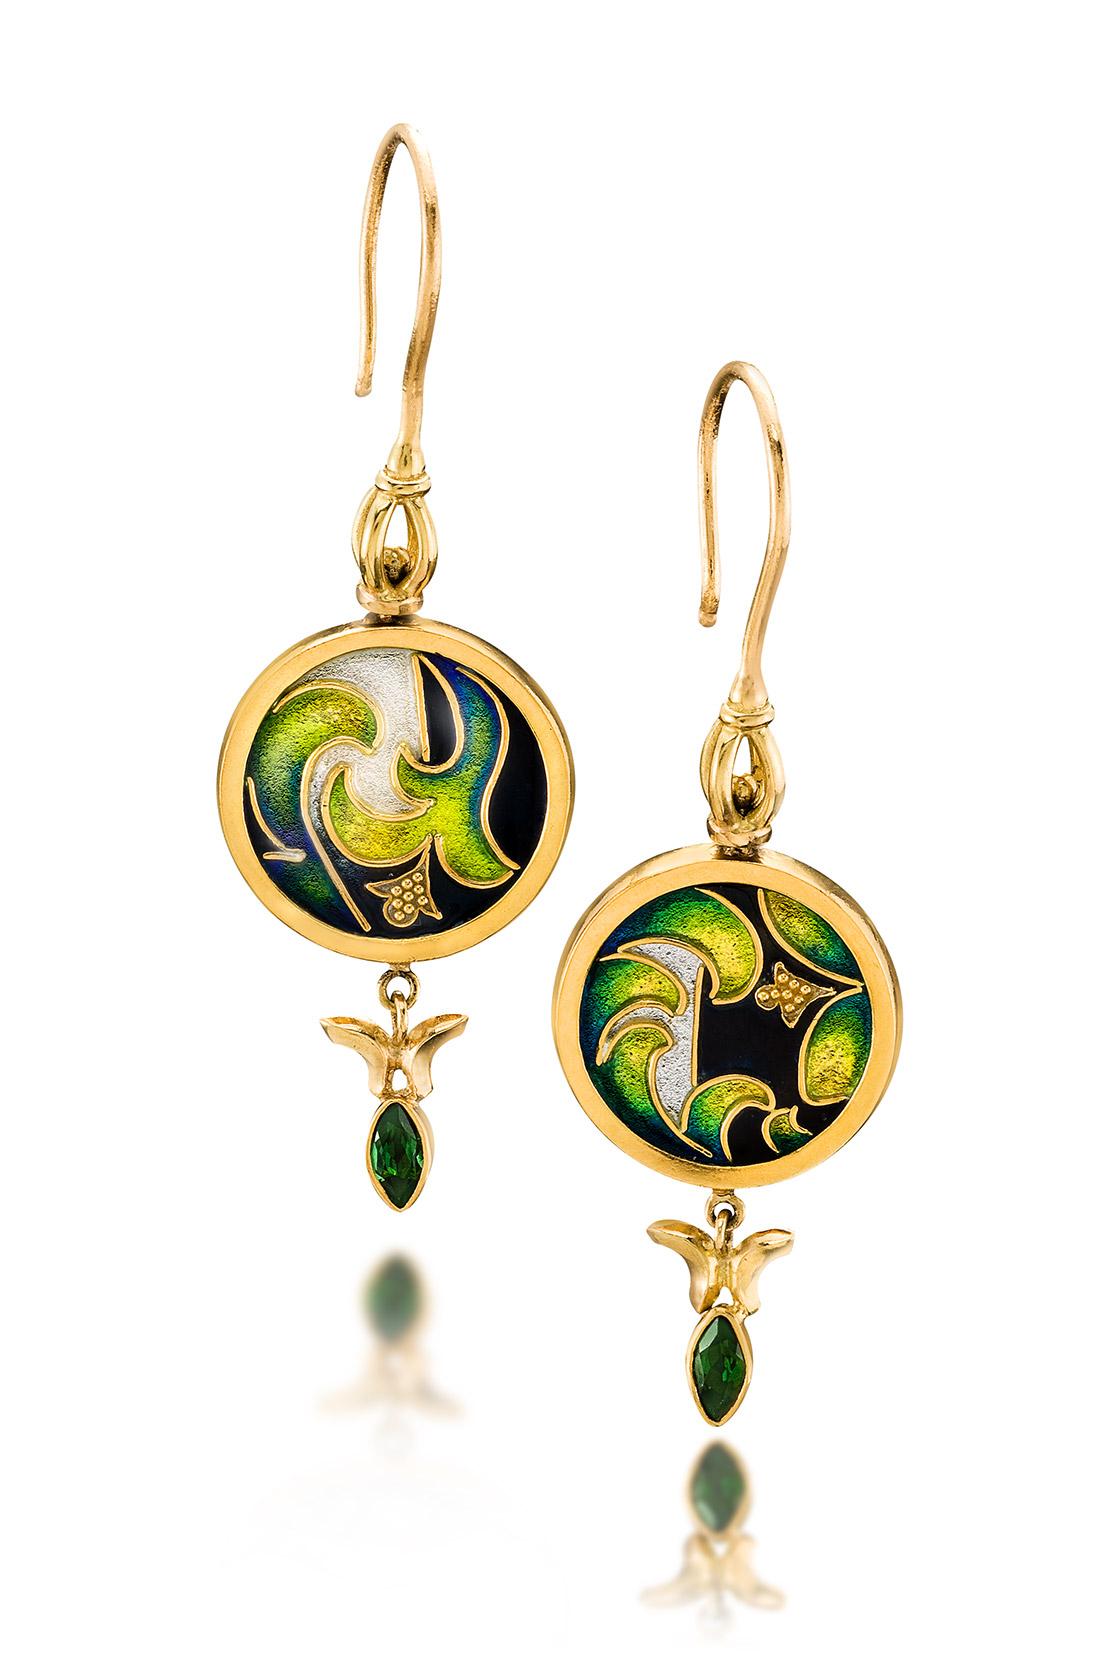 Custom Enamel Earrings | Yerba Buena | Enamel Jewelry by Patsy Croft